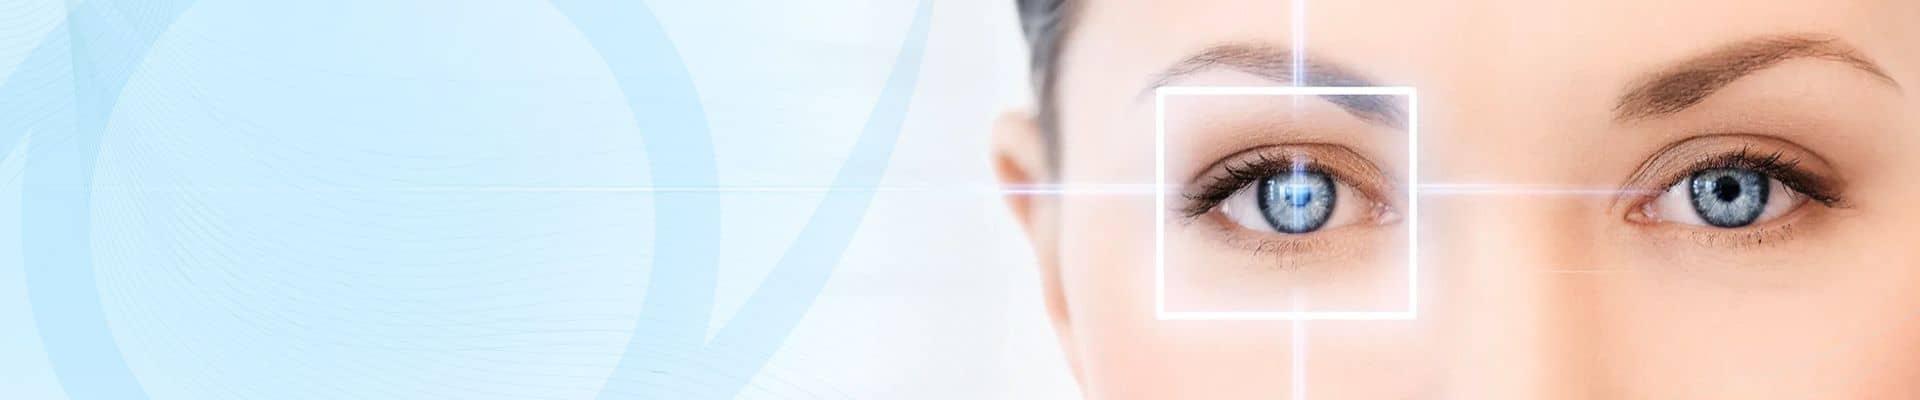 Lézeres szemműtét | Látásjavítás | Sasszemklinika | OptikMed